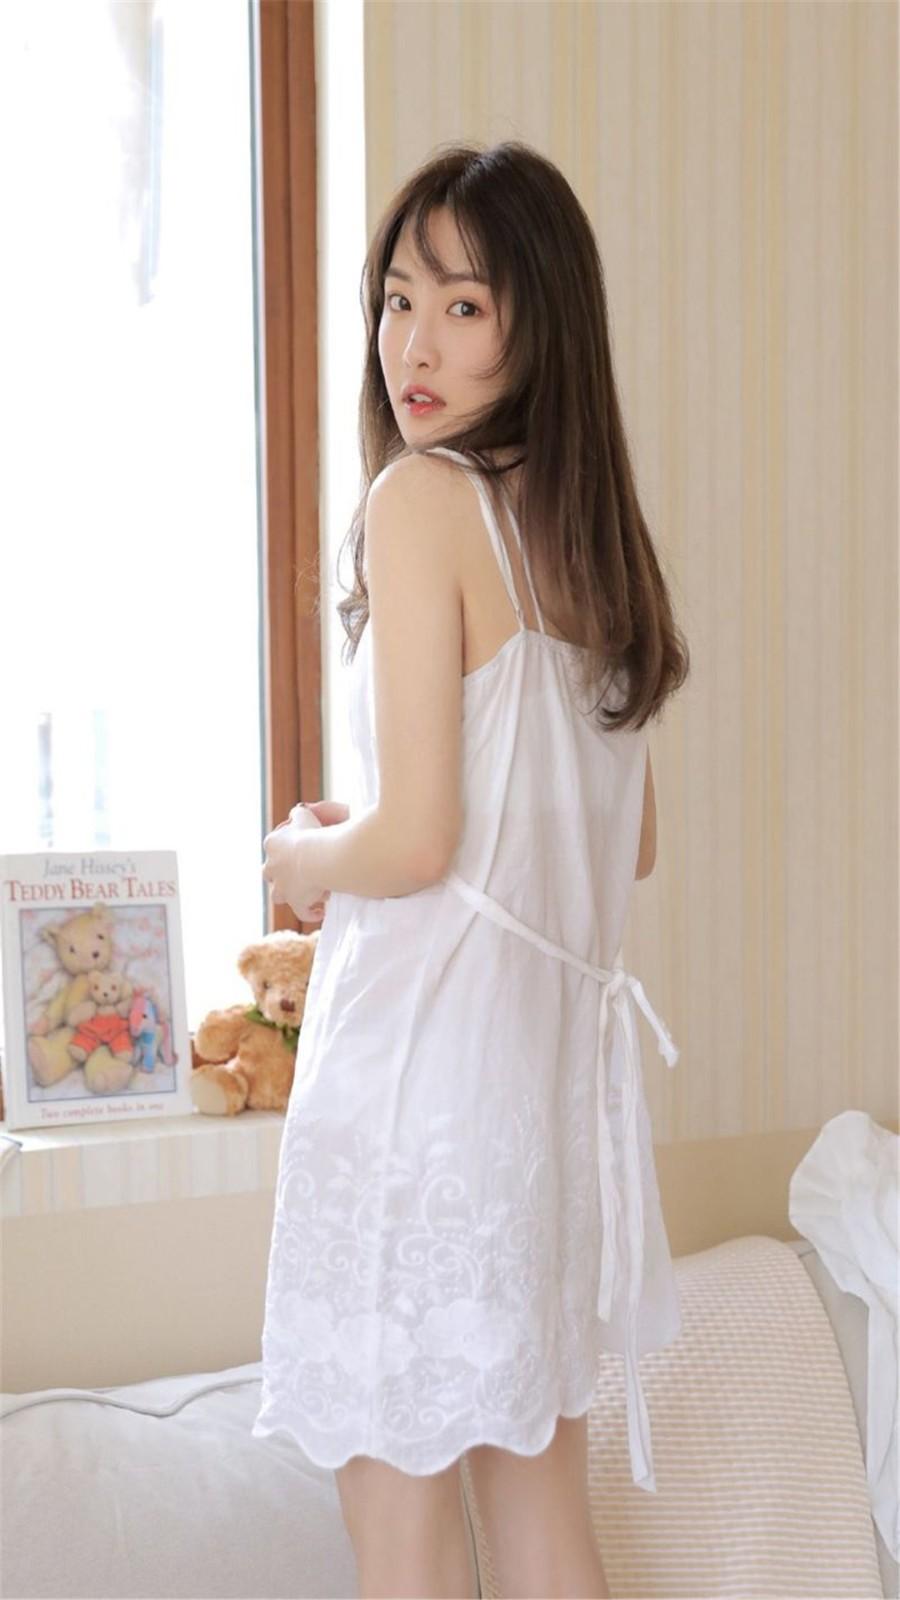 甜美少女吊带裙撩人高清美女壁纸